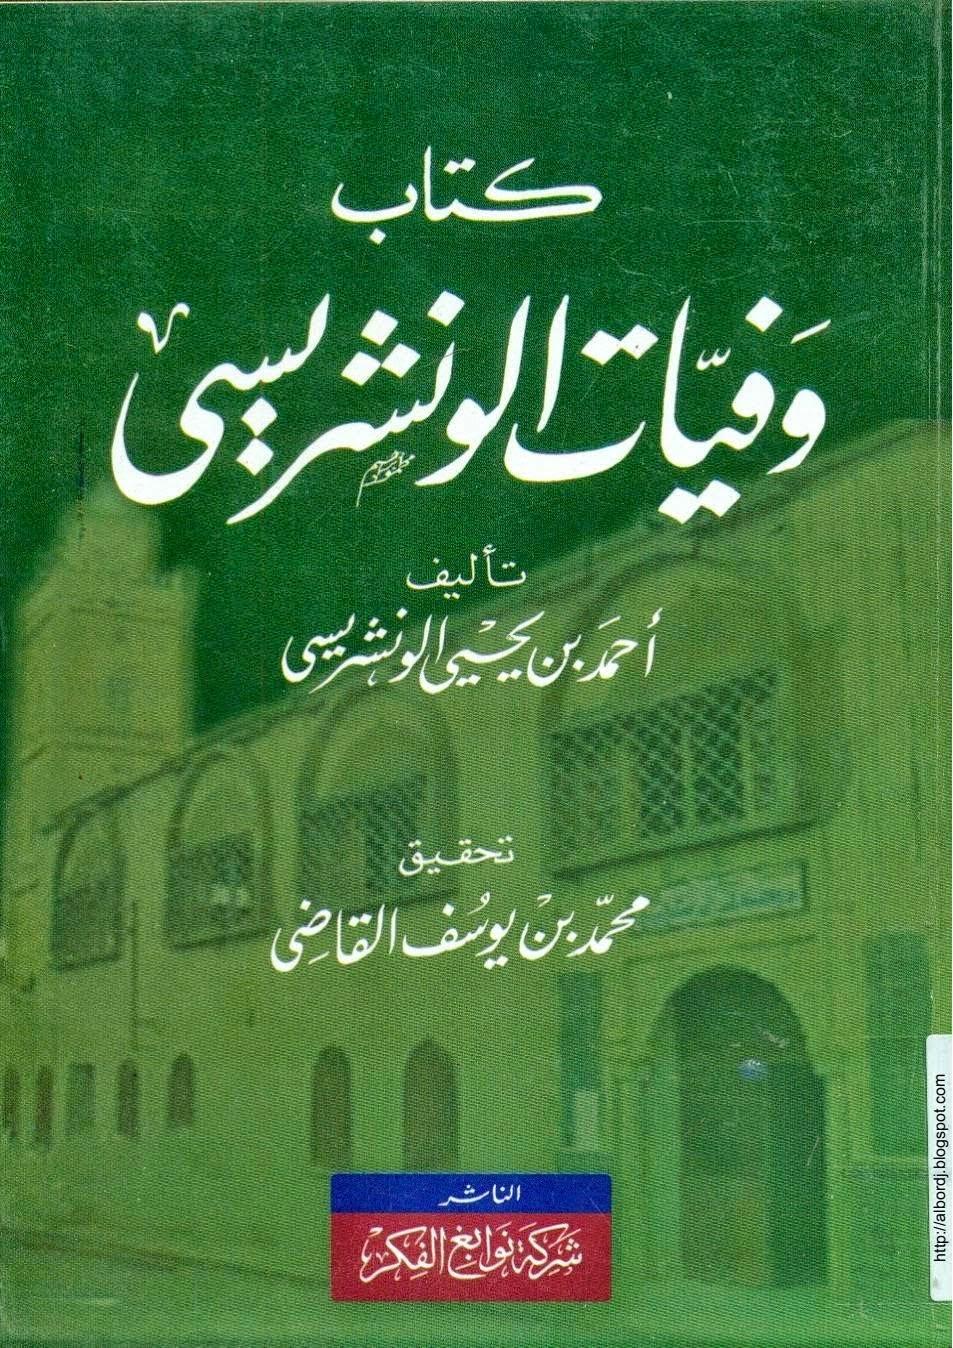 كتاب وفيات الونشريسي - للونشريسي